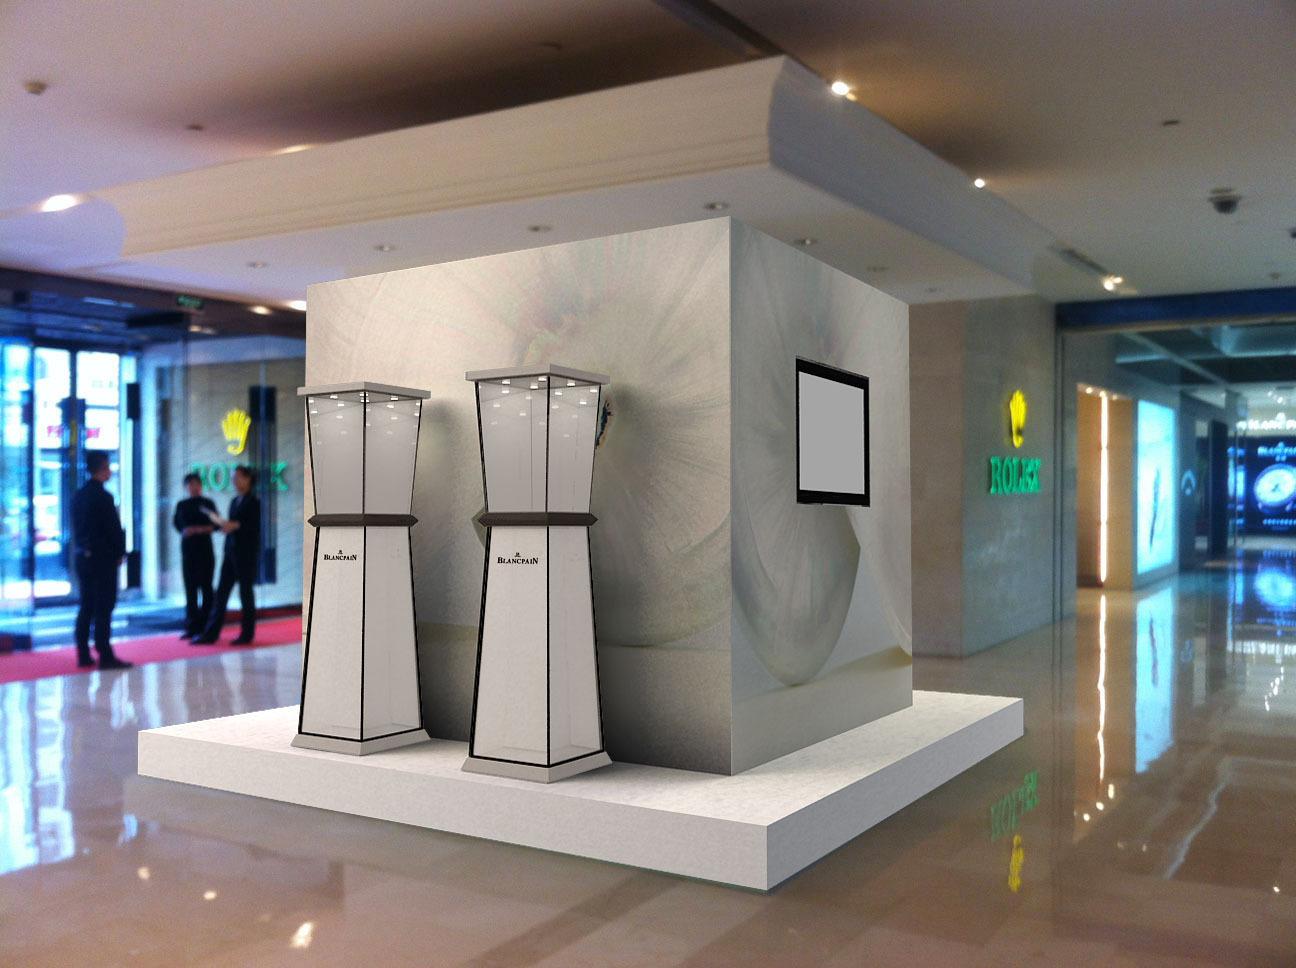 展览|空间|展示设计 |倾城芷溪 - 原创作品 - 站酷图片